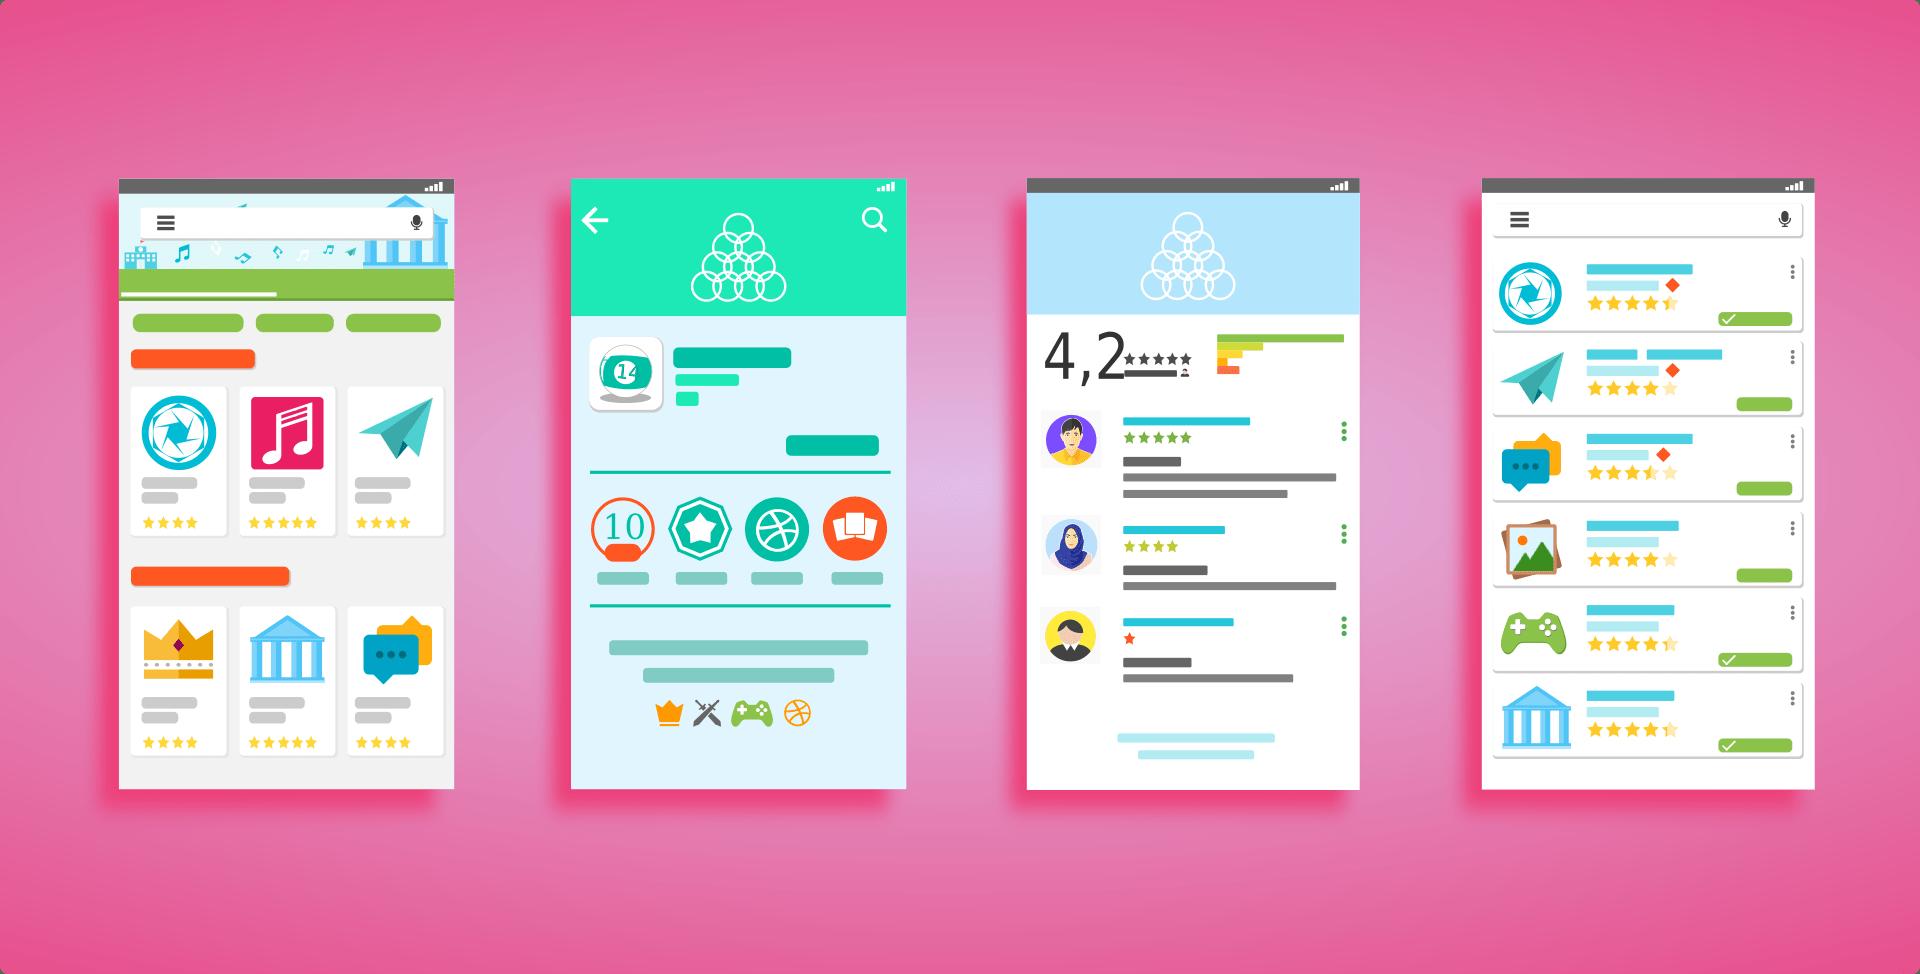 Tips on Designing a Cross-Platform Mobile App